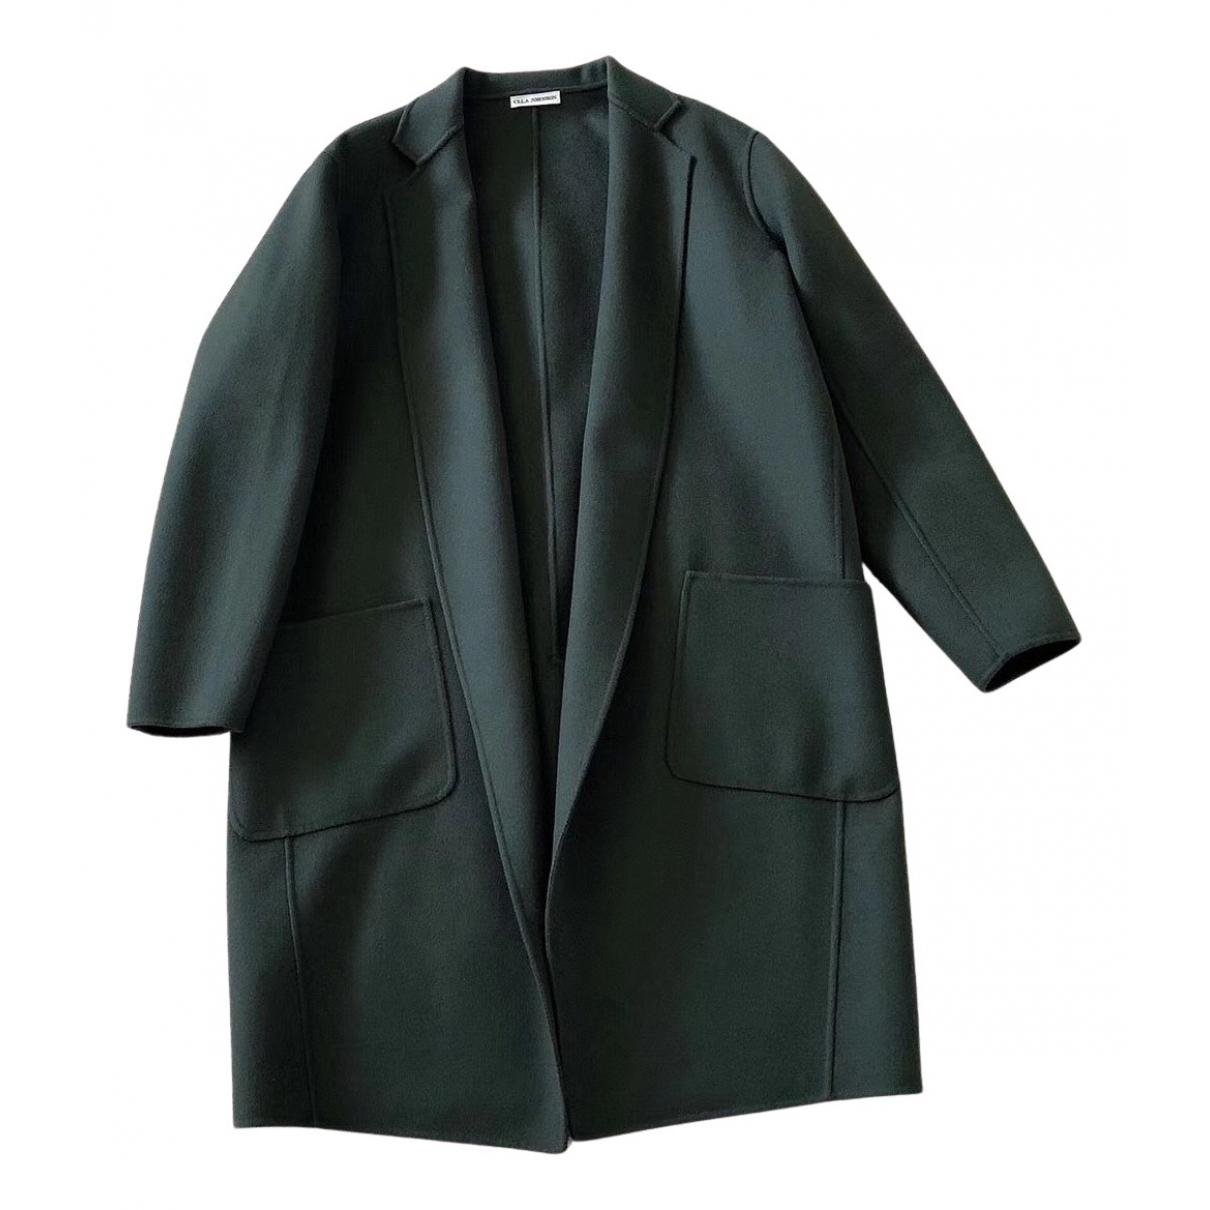 Ulla Johnson - Manteau   pour femme en laine - vert